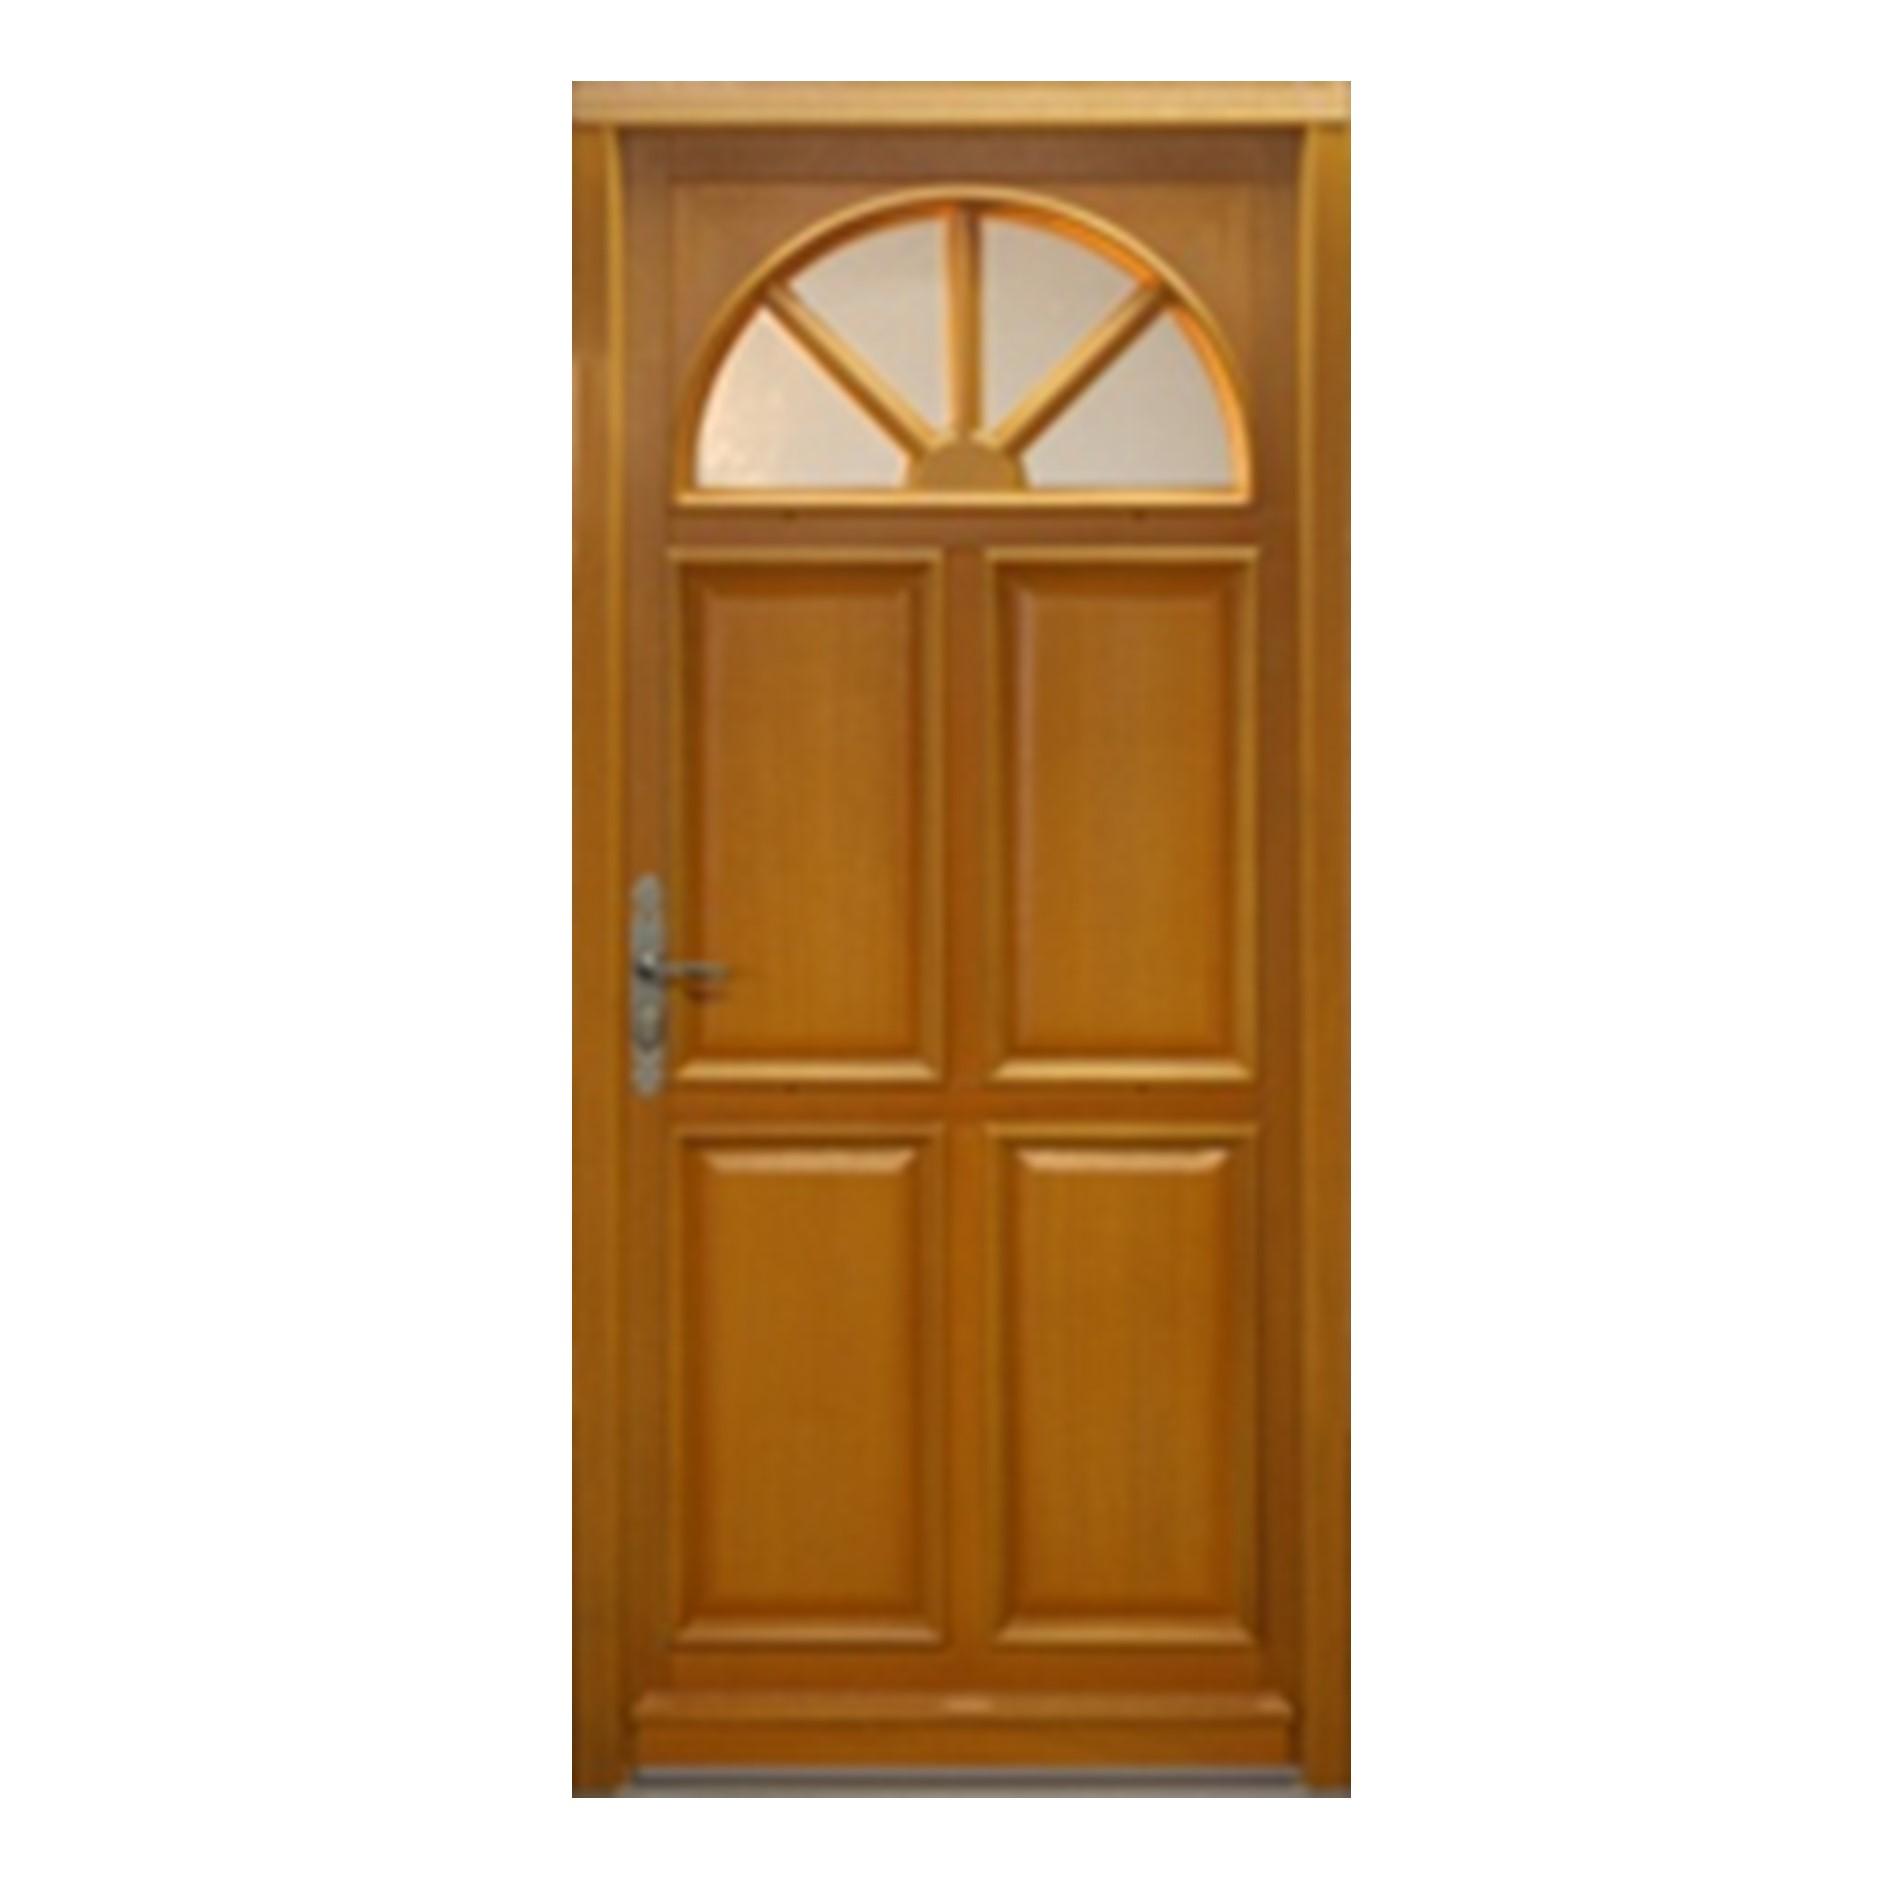 Porte d 39 entr e droite bois exotique meranti mod le el 215 x 90cm brevon - Destockage bois exotique ...